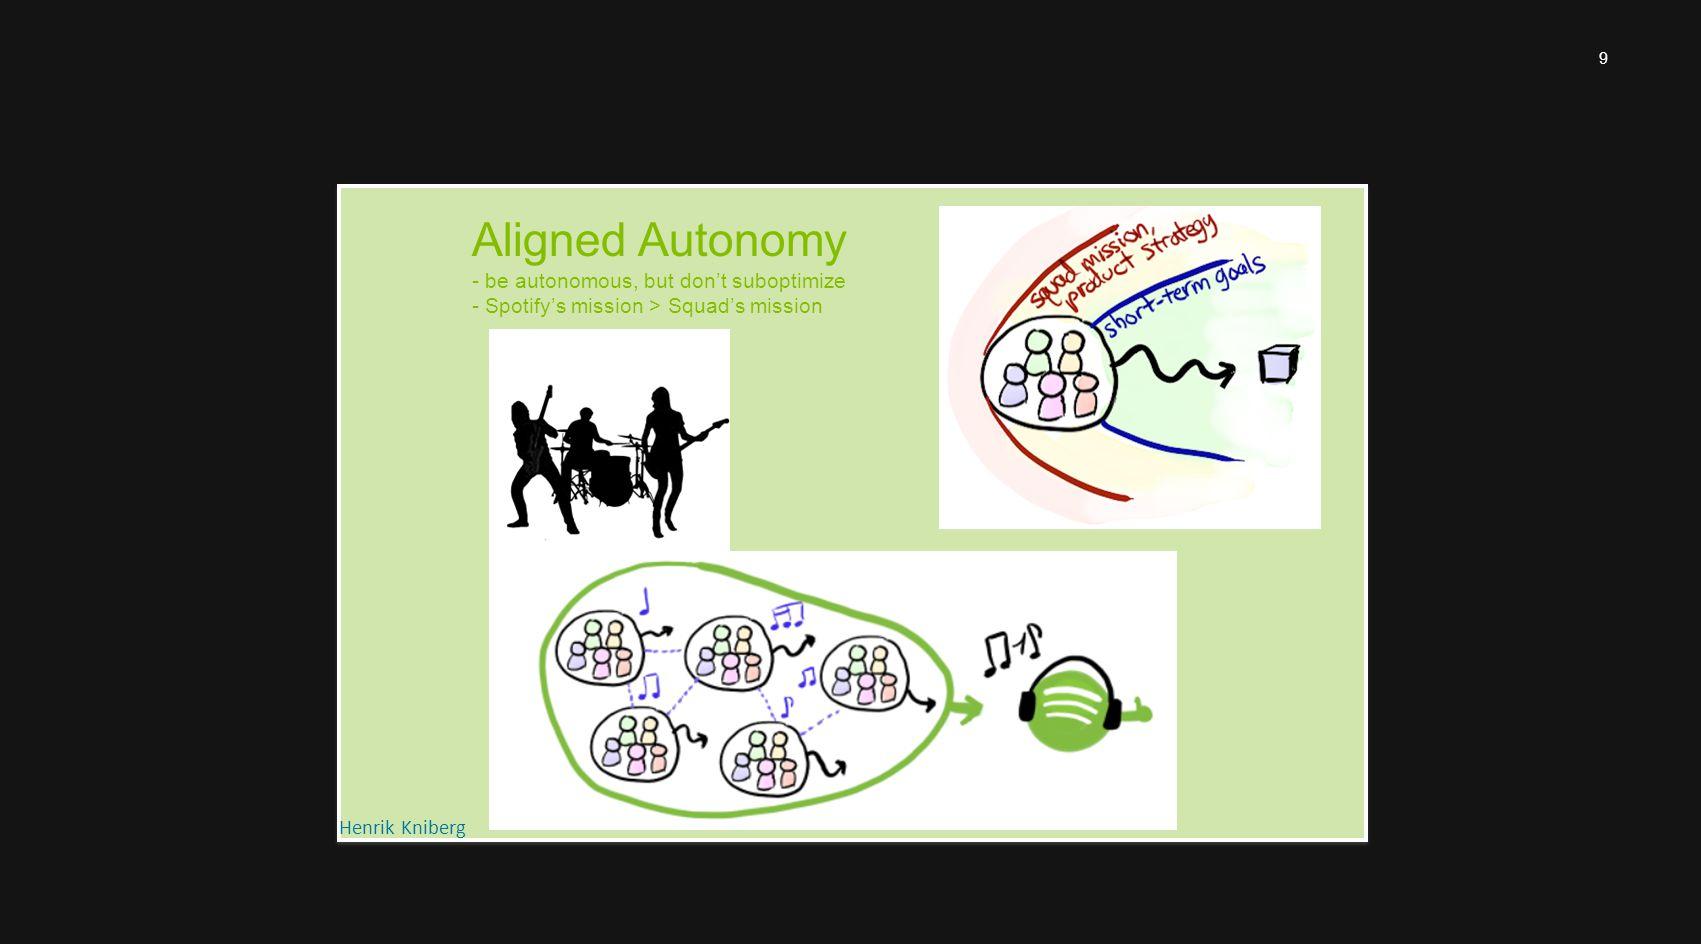 9 Aligned Autonomy - be autonomous, but don't suboptimize - Spotify's mission > Squad's mission Henrik Kniberg